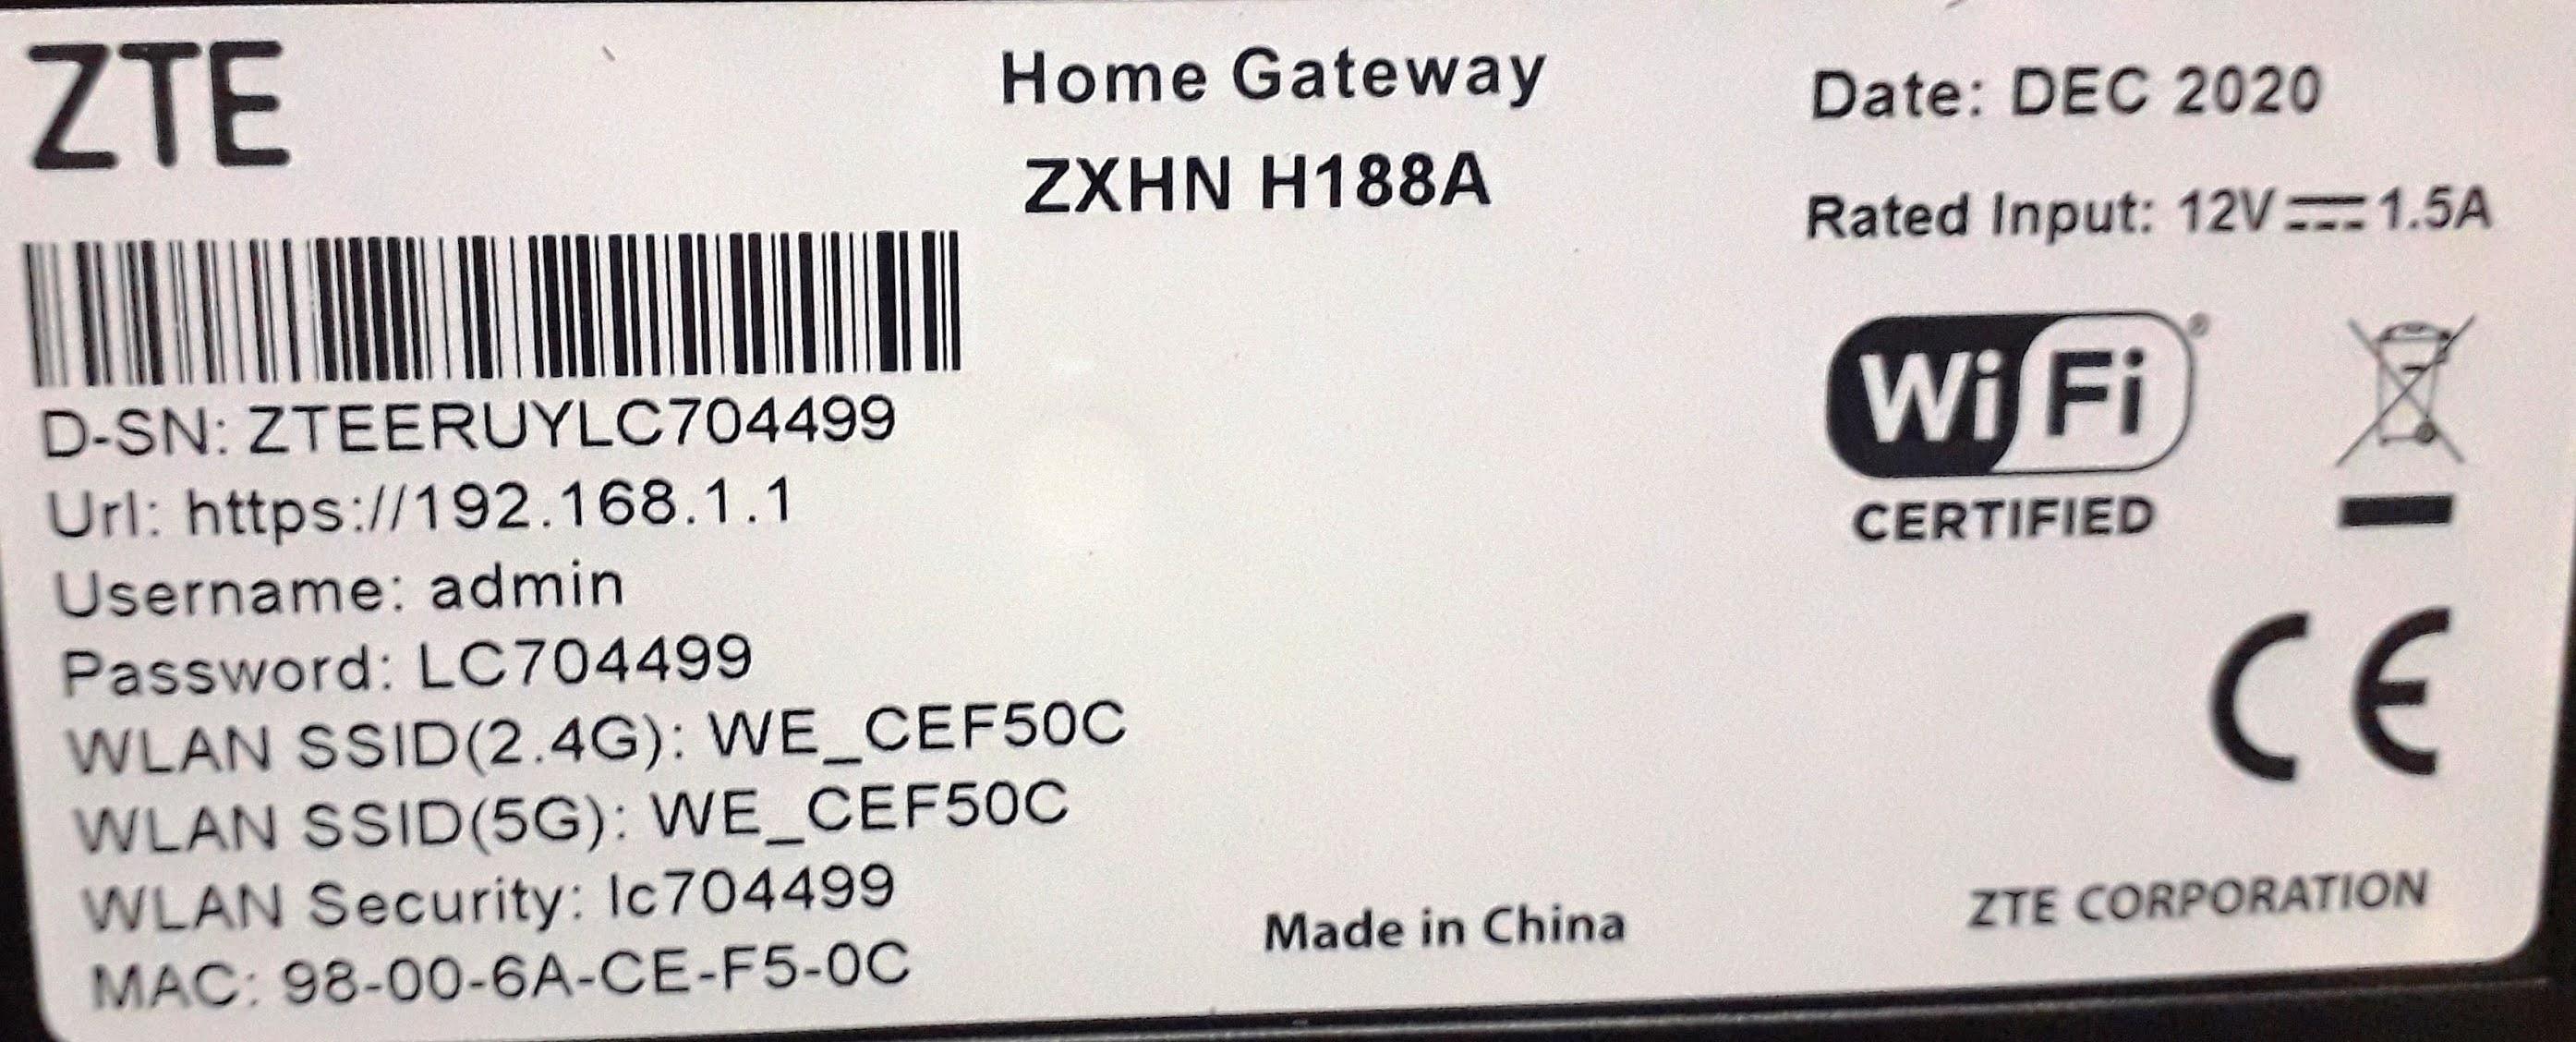 استخدام راوتر (وي) we الجديد الاسود موديل zxhn h188a كا اكسز بوينت, access point.